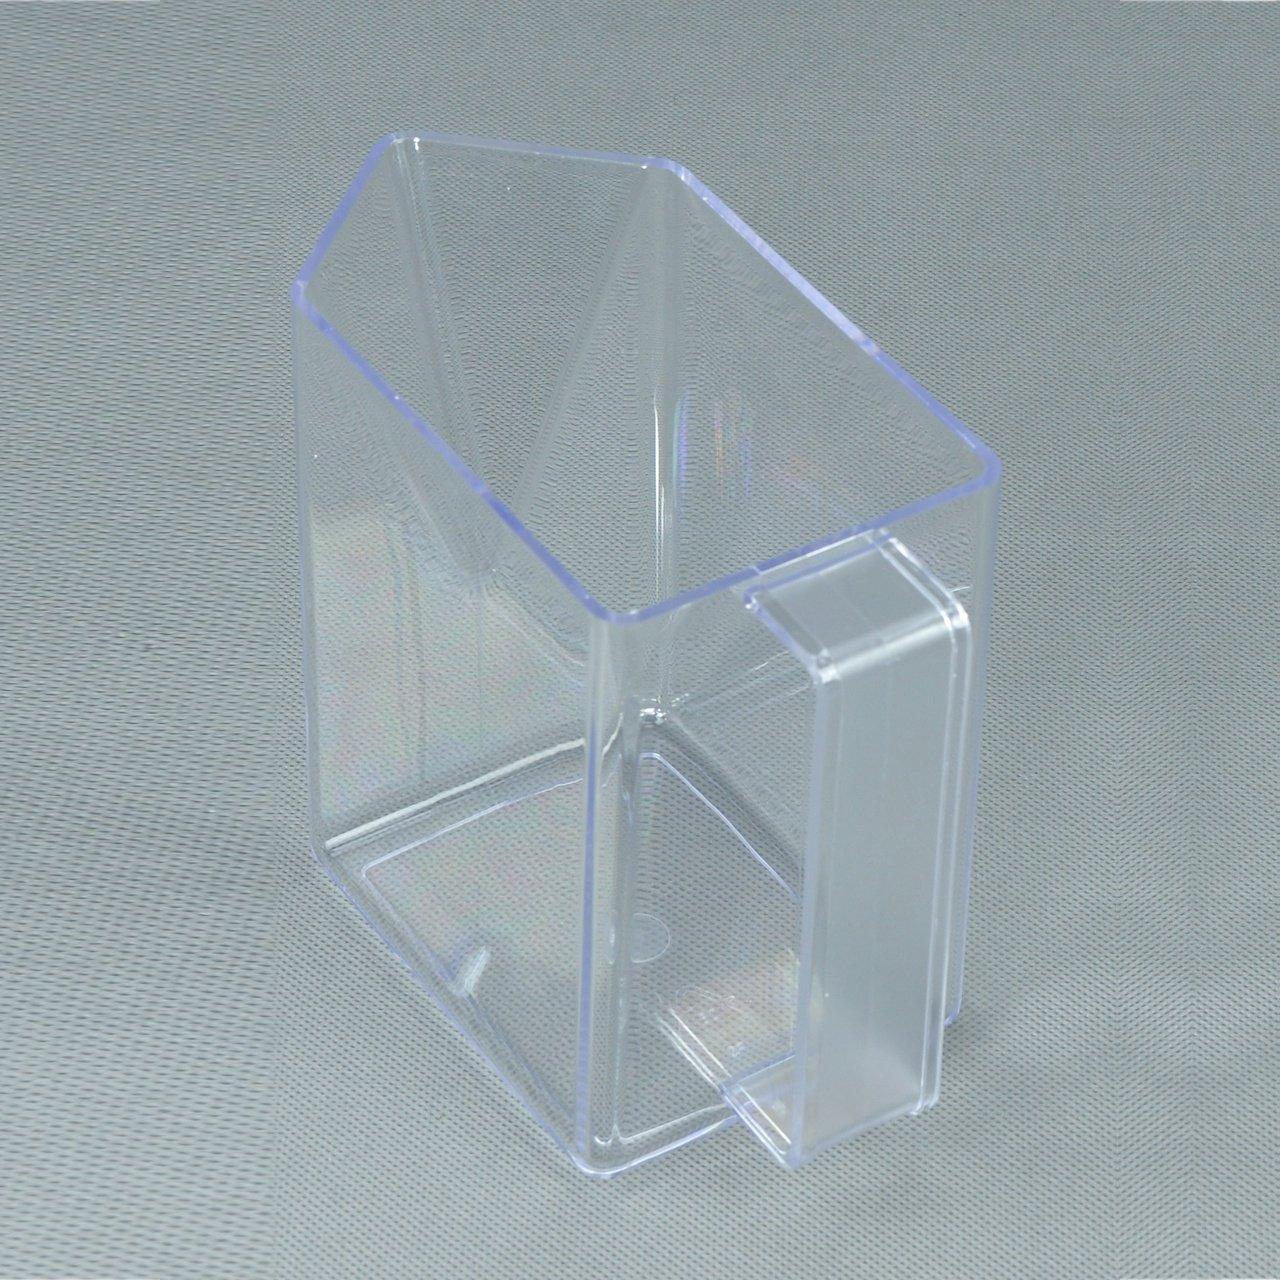 Küchenschütte schütte box ersatz 1 stk glasklar amazon de küche haushalt